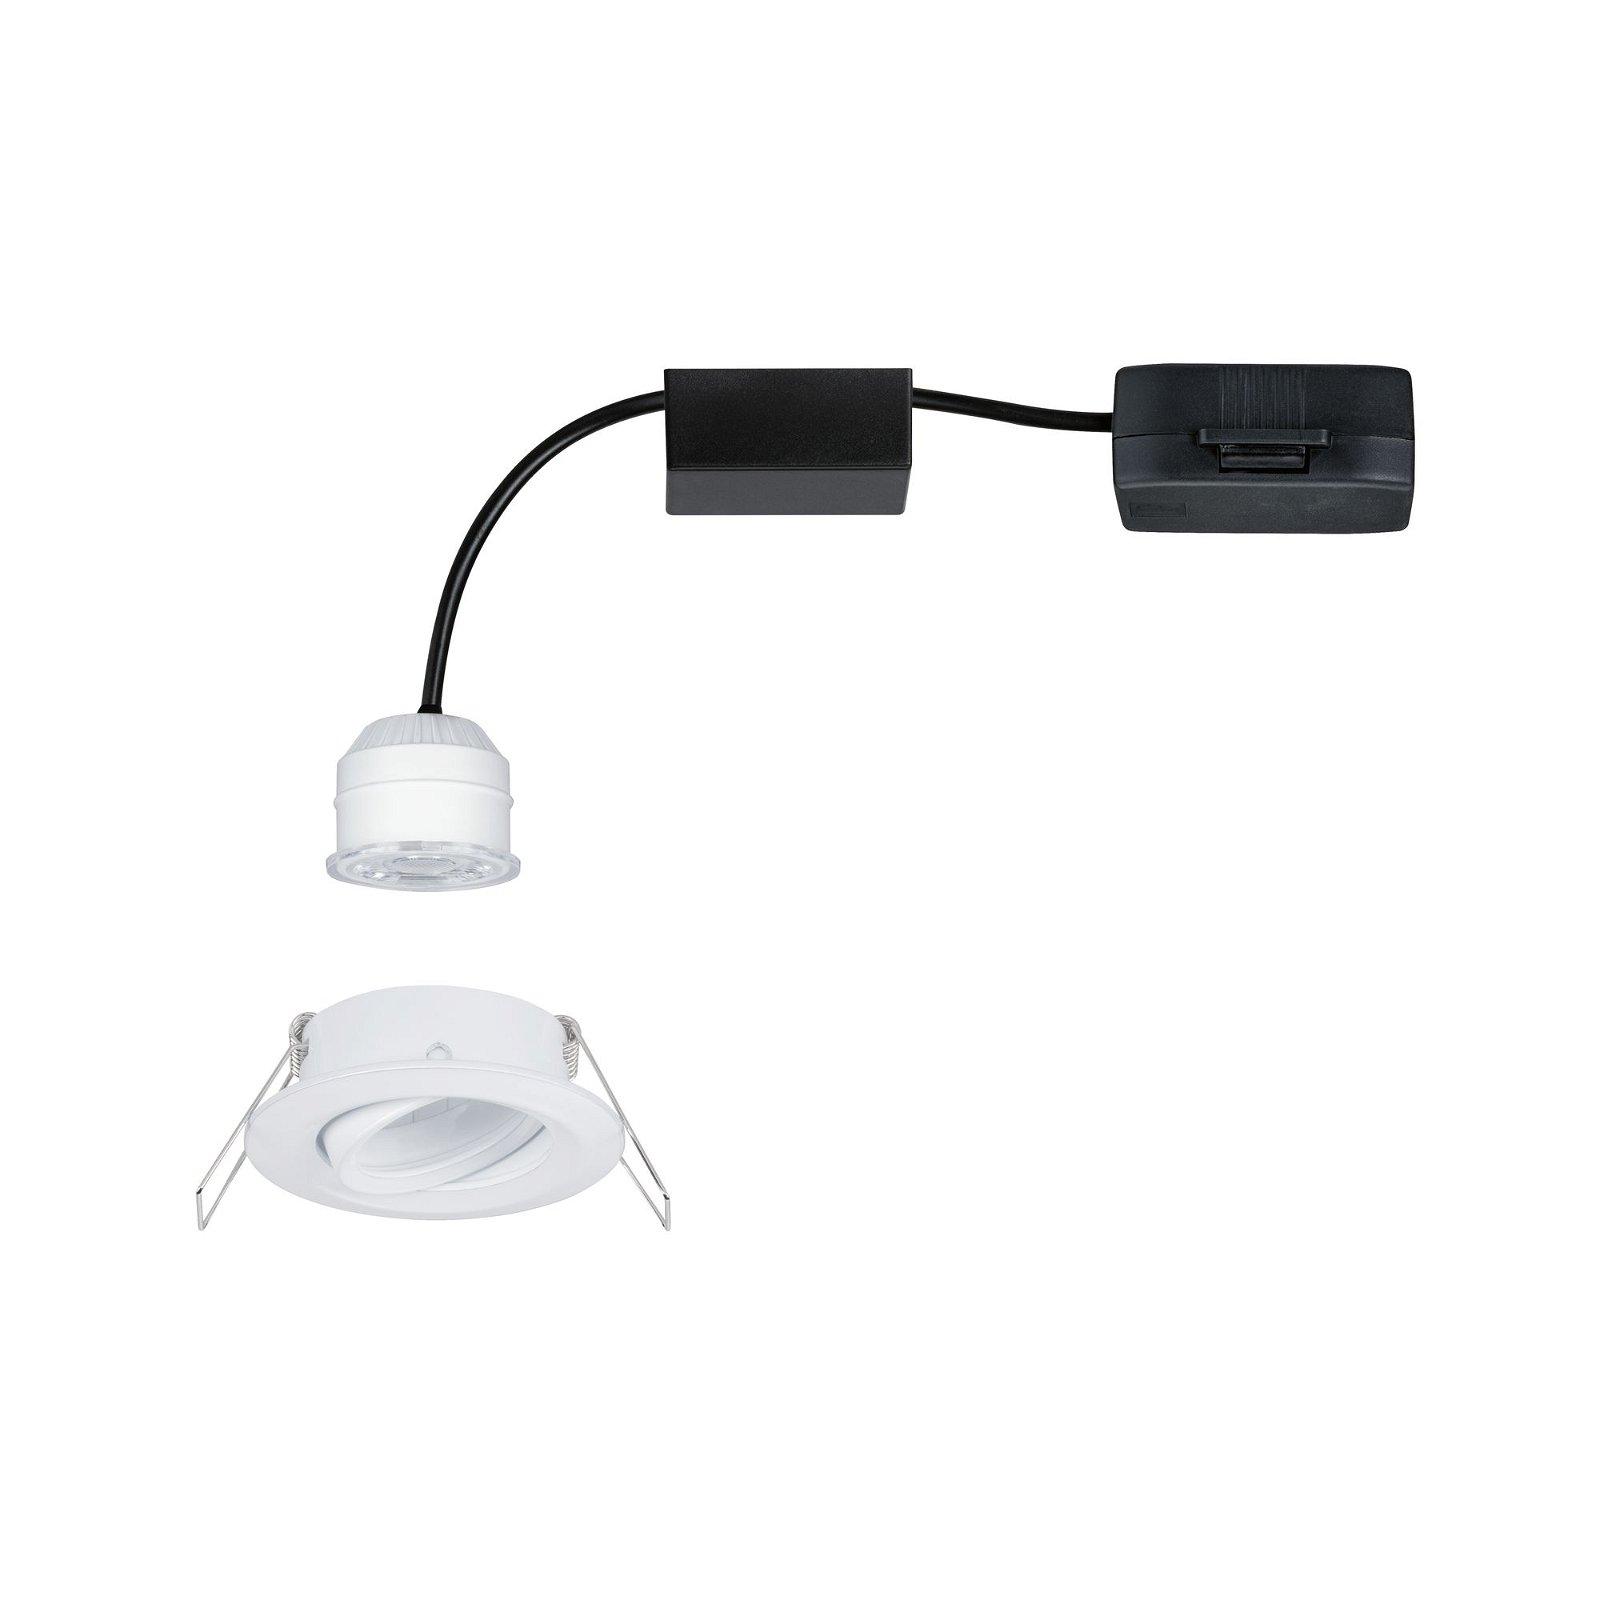 LED Einbauleuchte Easy Dim Nova Mini Plus Coin Einzelleuchte schwenkbar rund 66mm 15° Coin 4,2W 300lm 230V 2700K Weiß matt